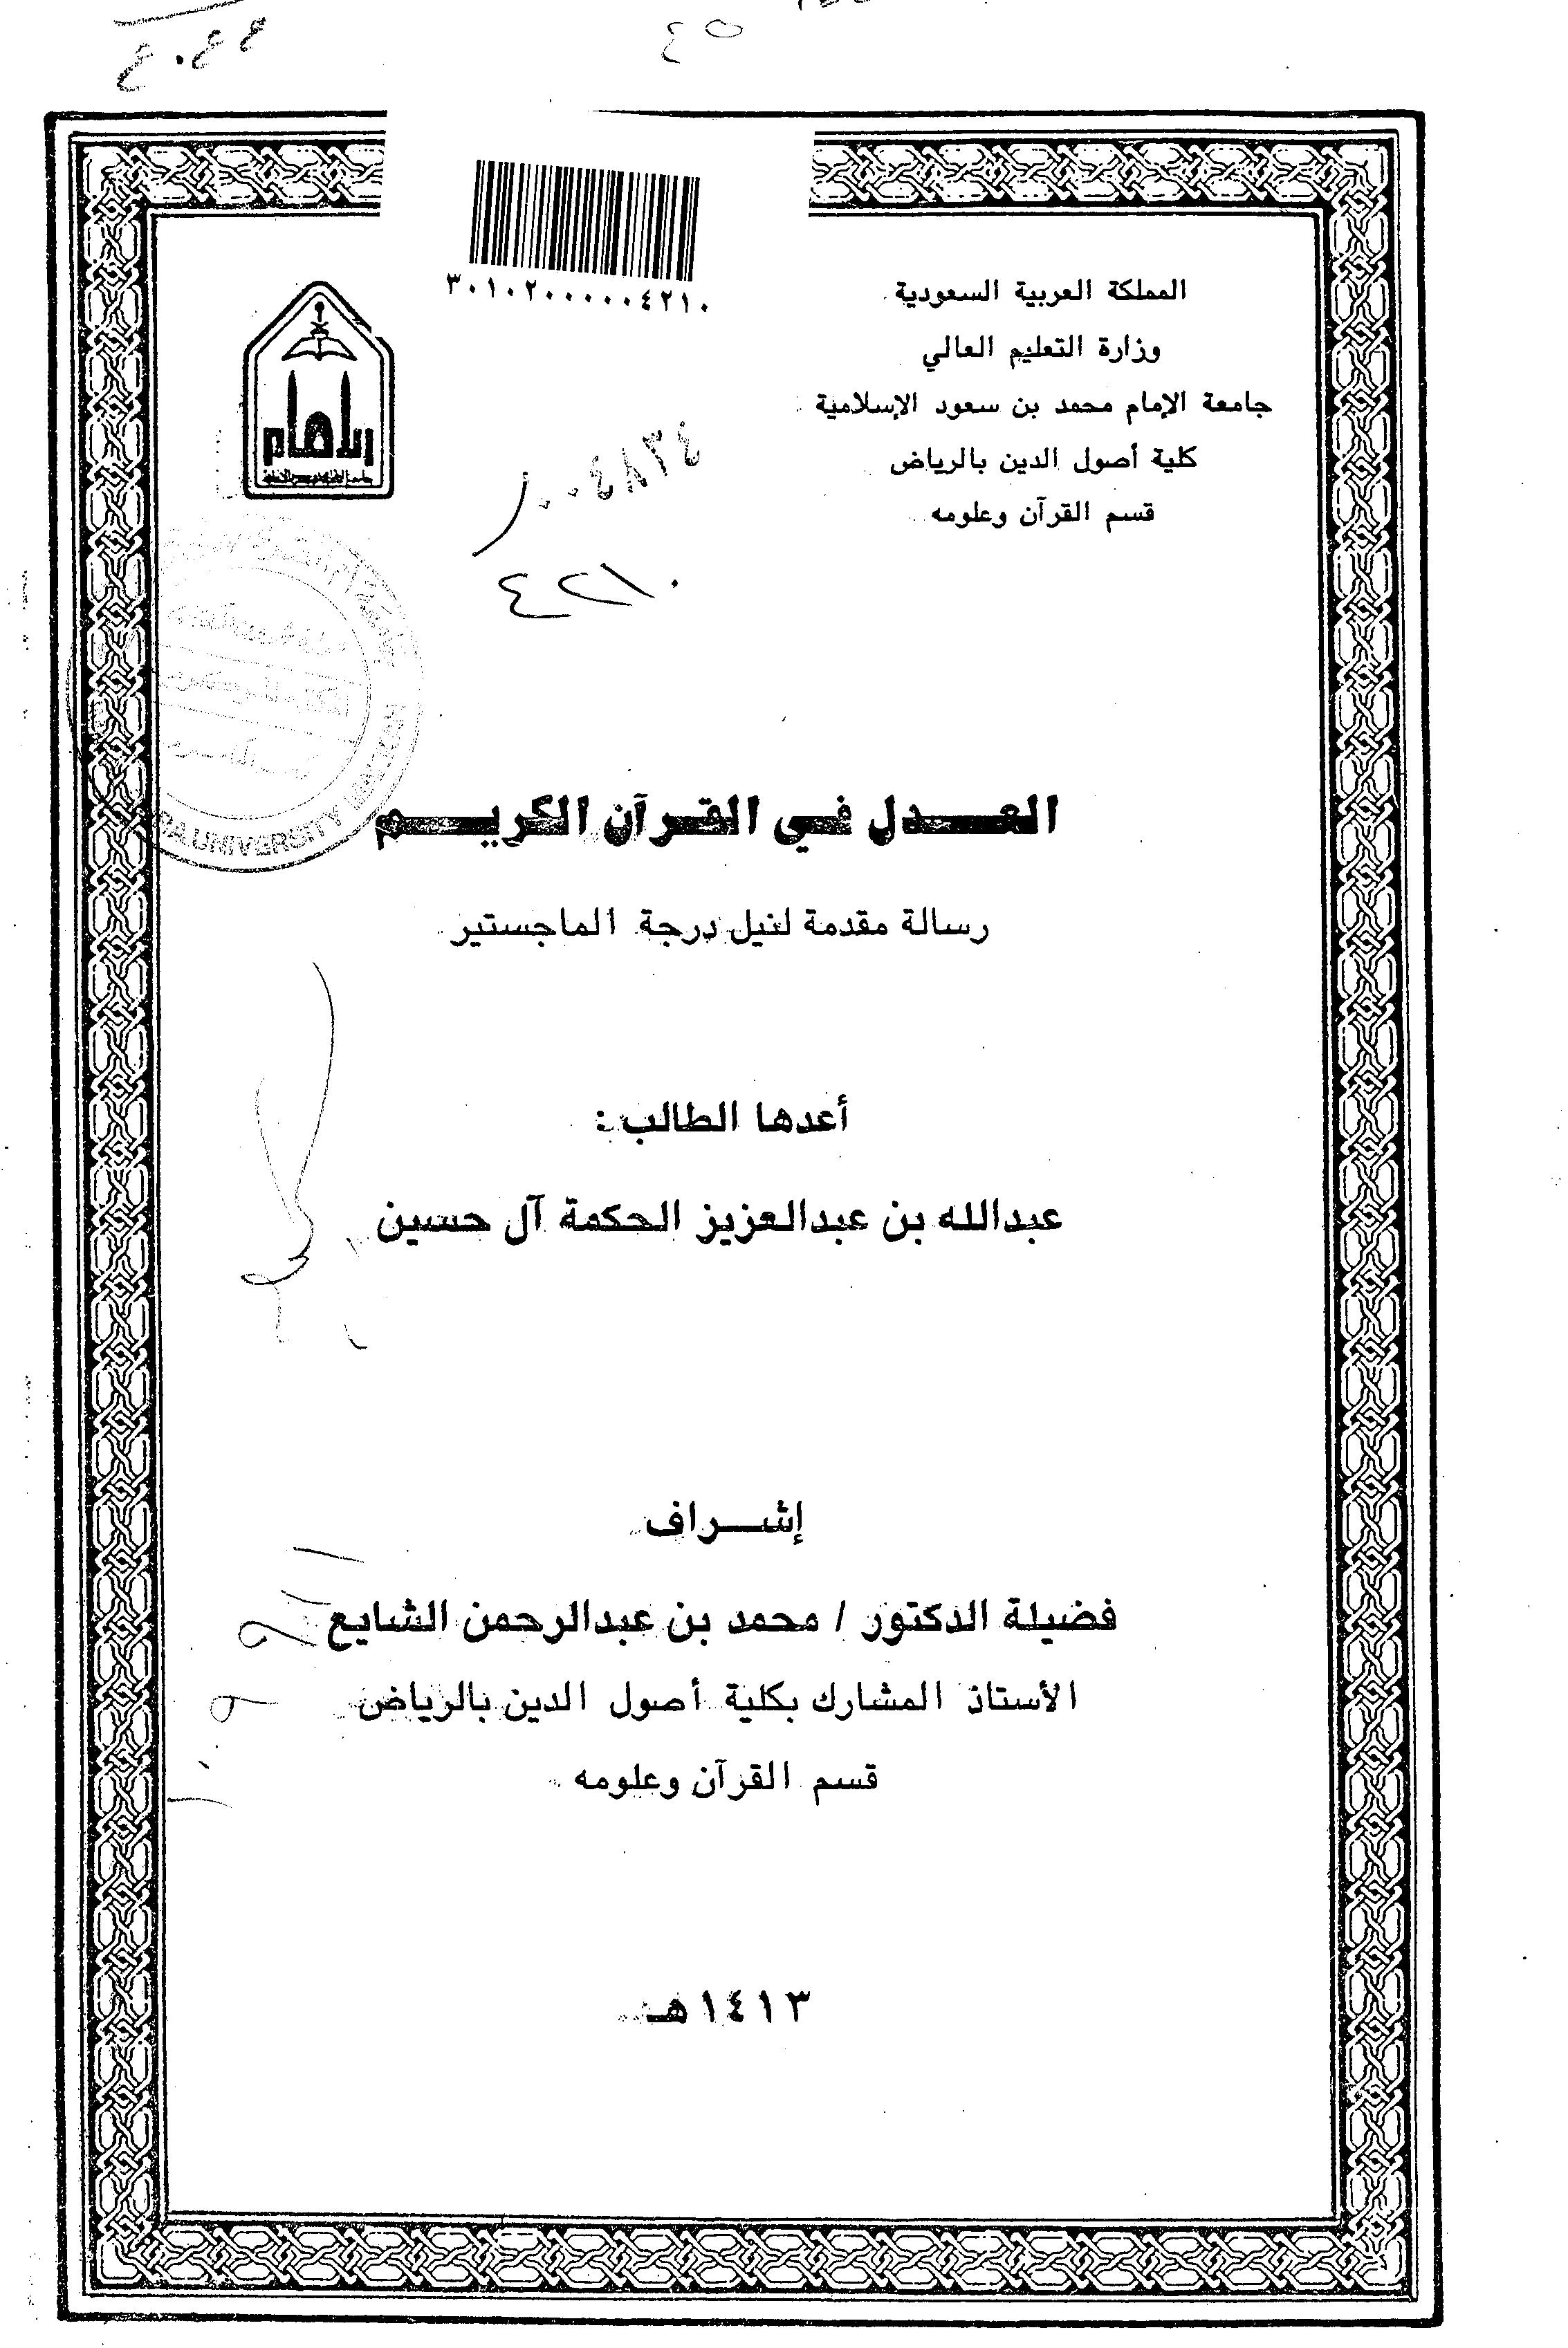 تحميل كتاب العدل في القرآن الكريم لـِ: الدكتور عبد الله بن عبد العزيز الحكمة آل حسين